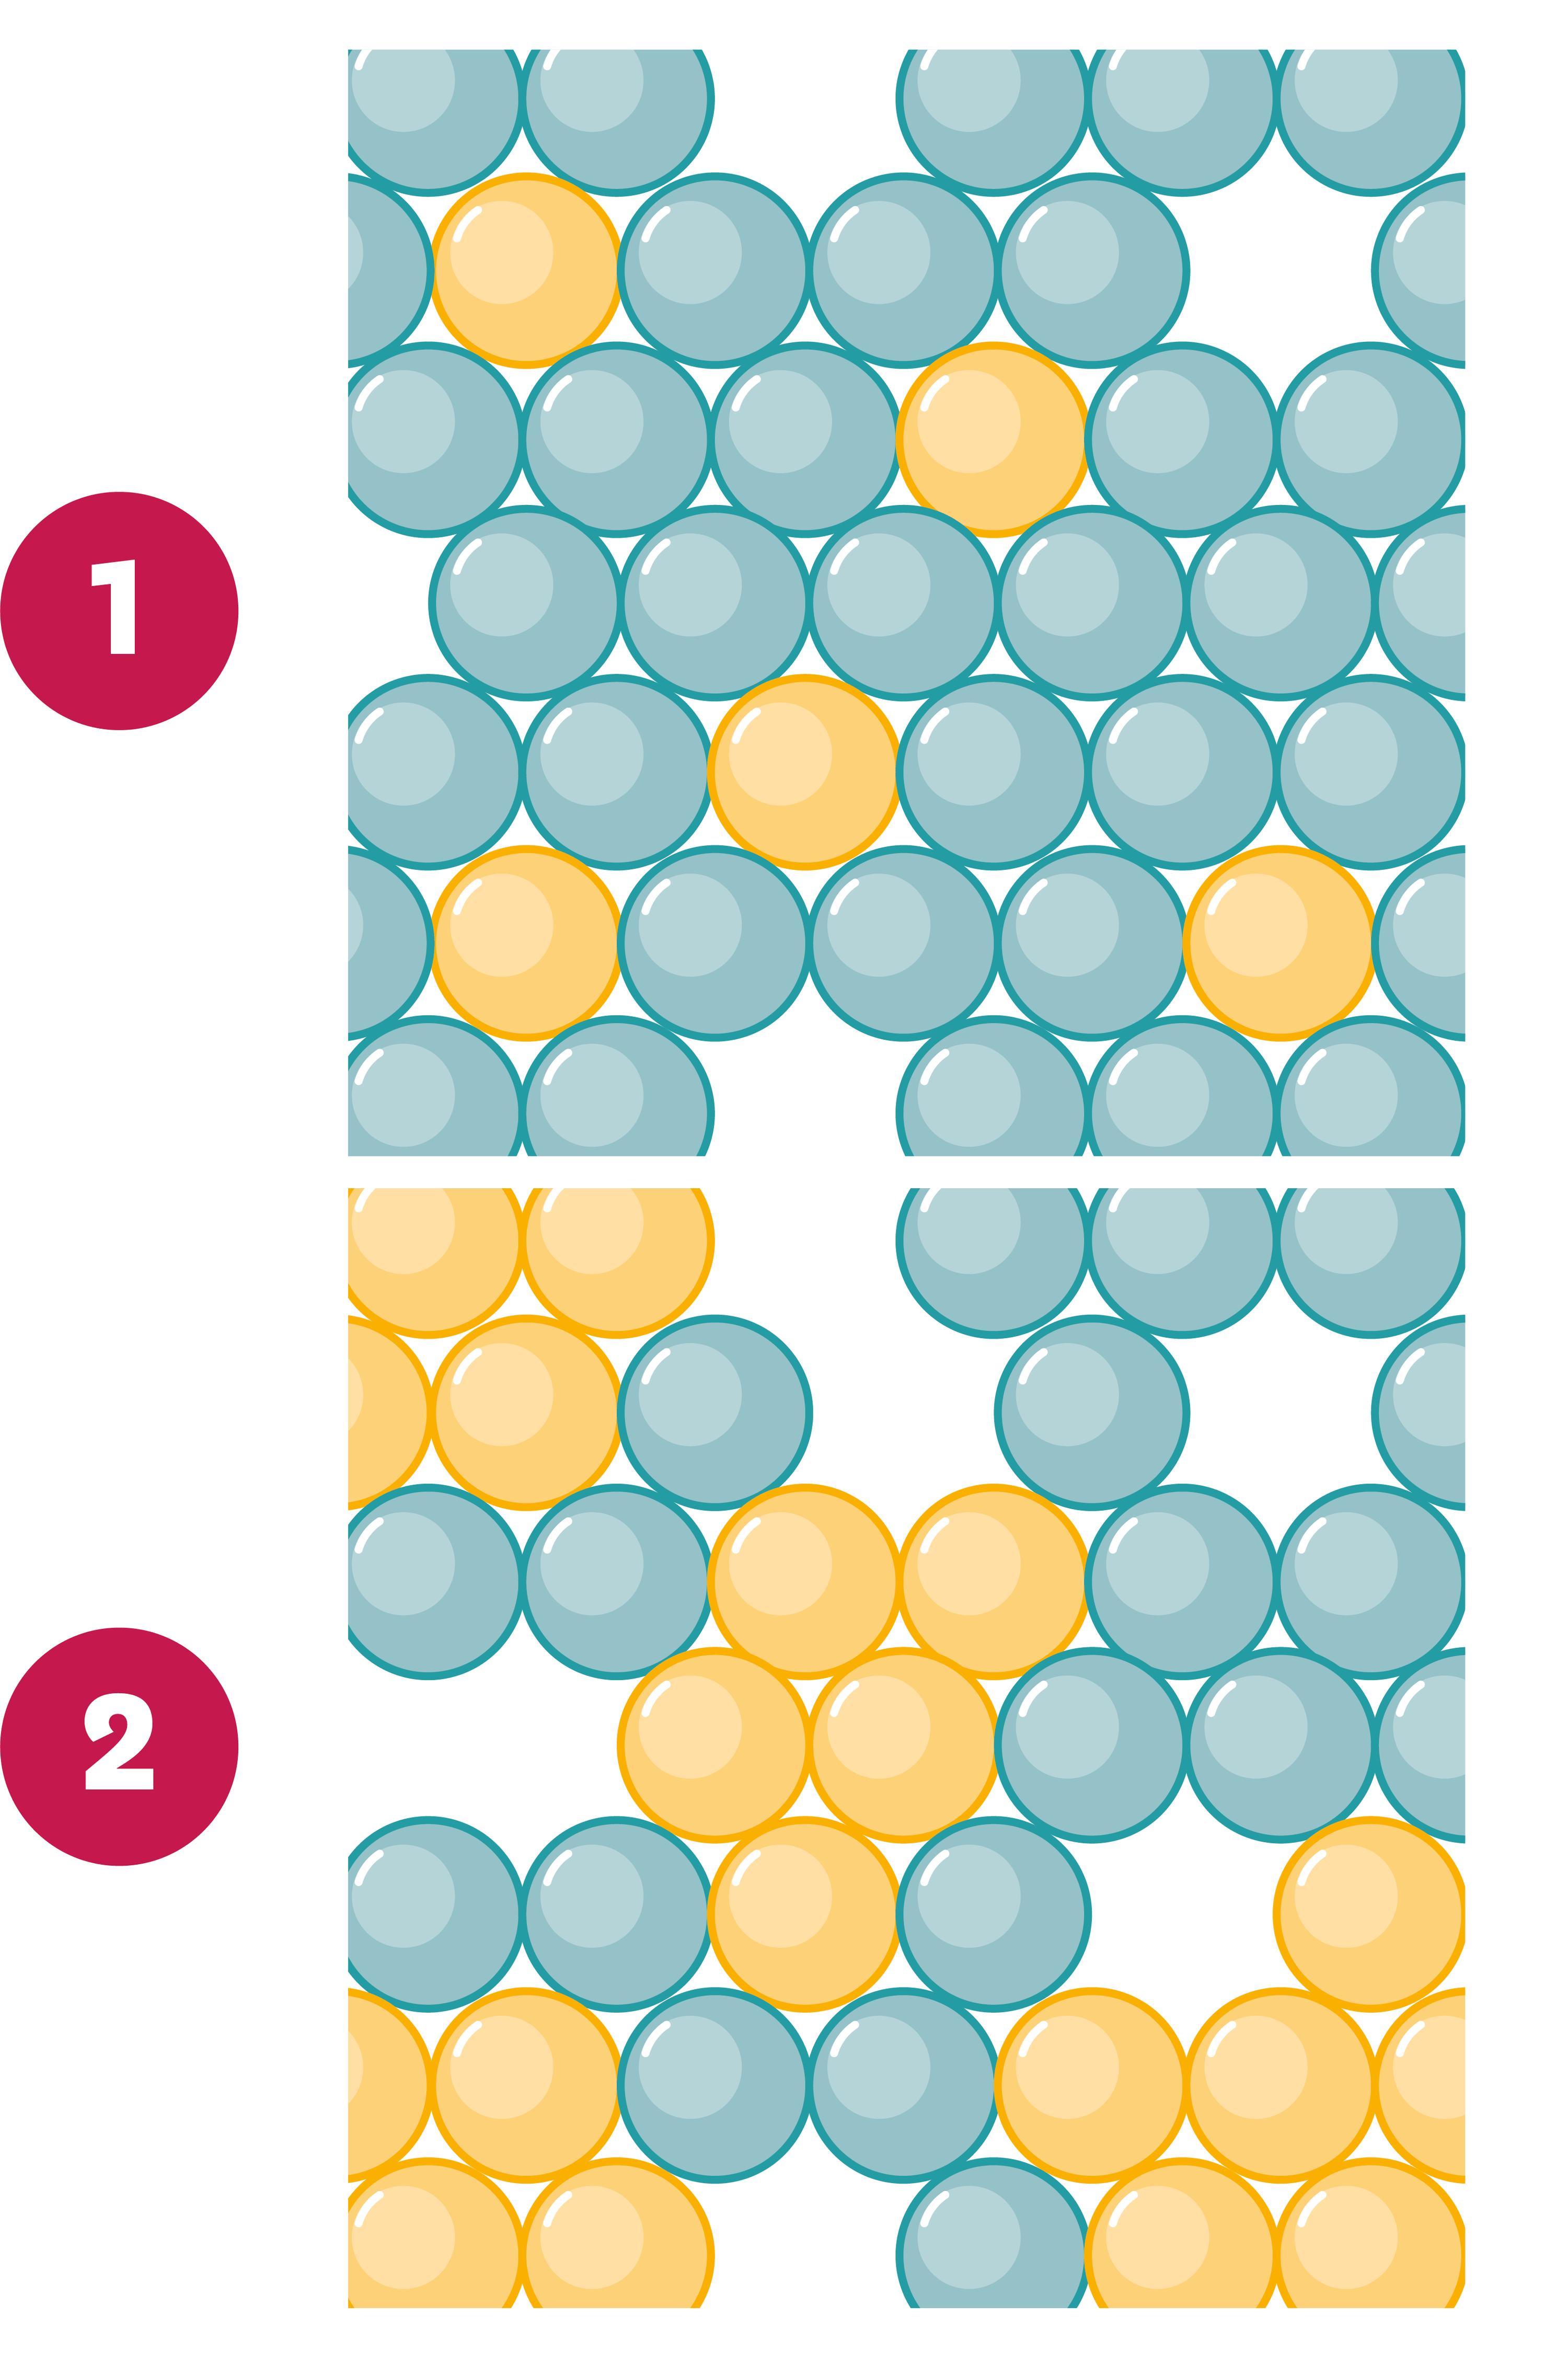 <stamp theme='pc-green1'>Doc. 2</stamp> Mélanges au niveau microscopique.